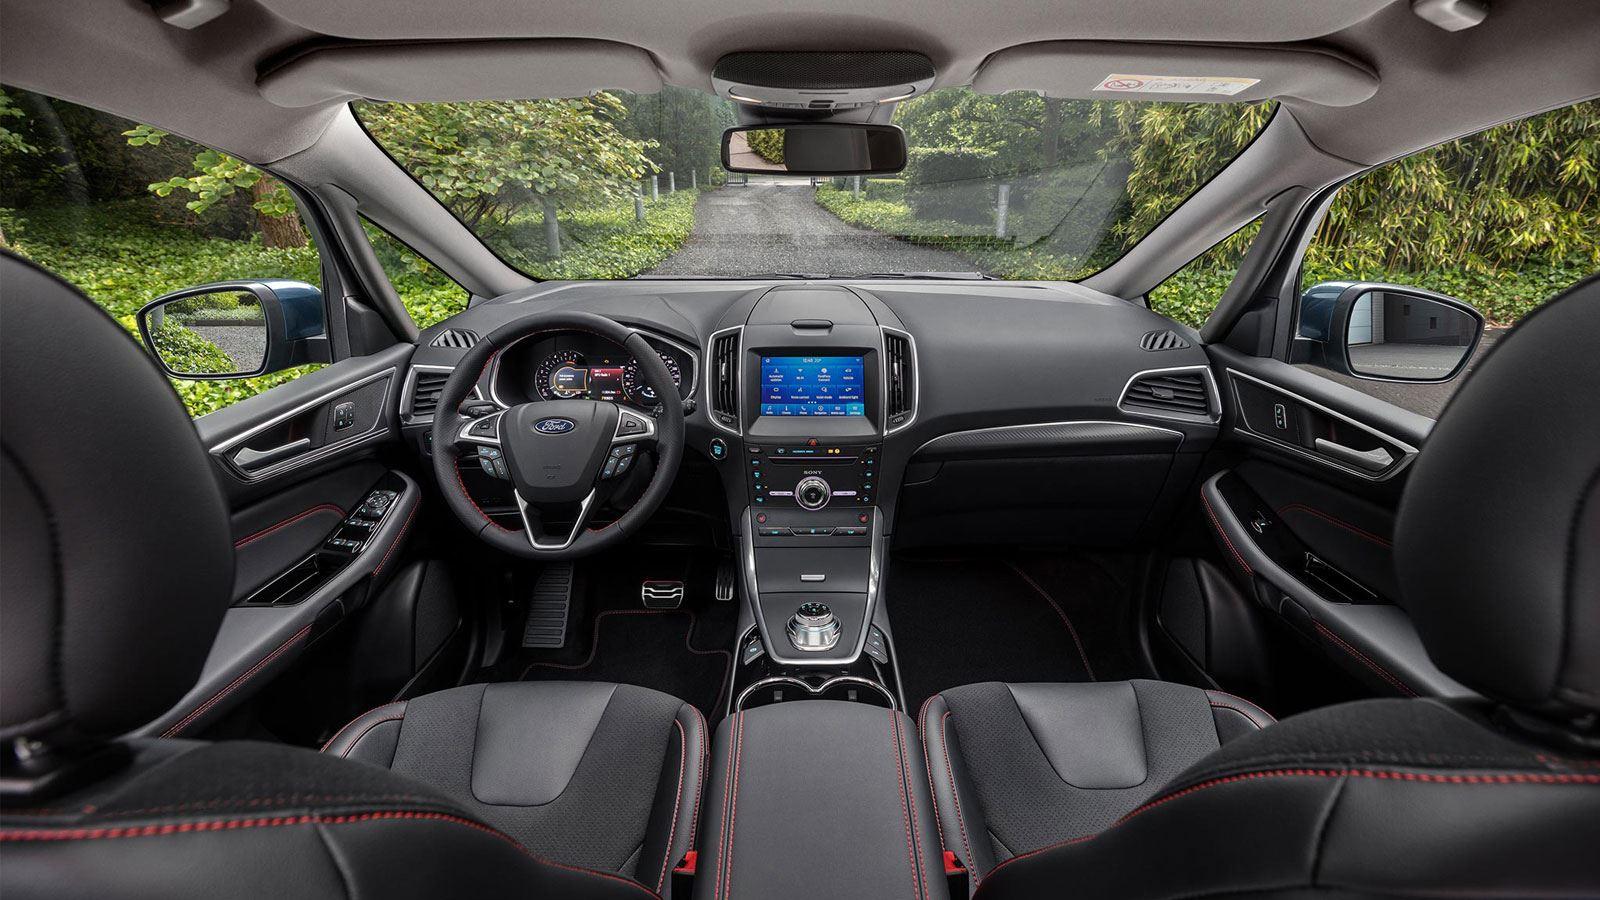 Nový Ford Galaxy a zdokonalený S-MAX jsou ještě stylovější, komfortnější a moderněji vybavené | Nový Ford Galaxy a zdokonalený S-MAX jsou ještě stylovější, komfortnější a moderněji vybavené